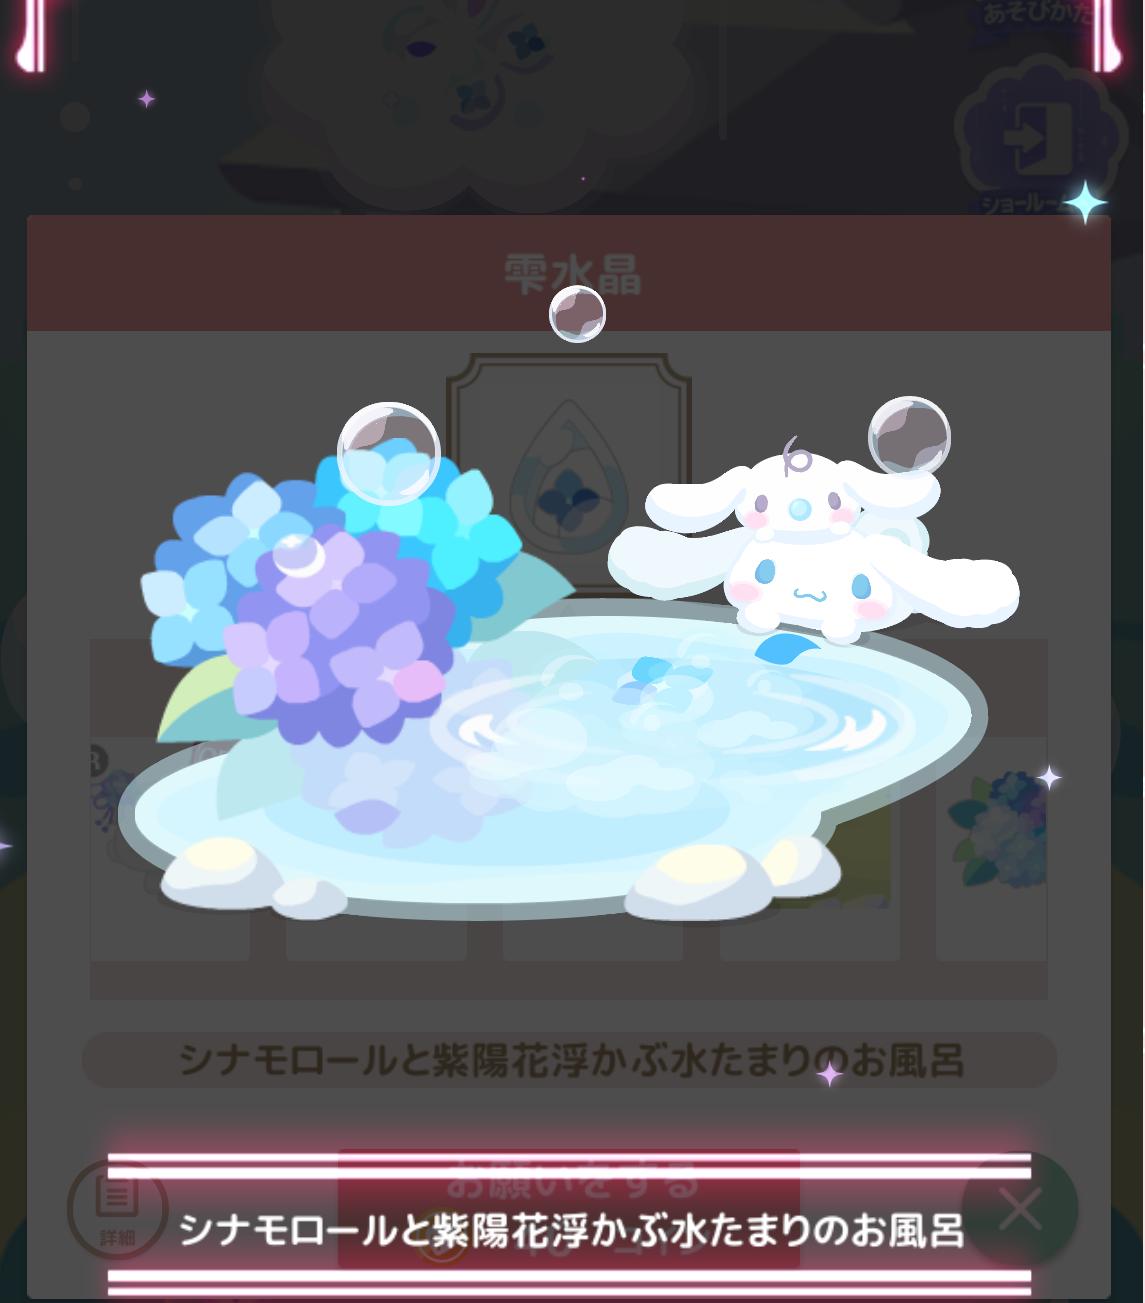 シナモロールと紫陽花が浮かぶ水たまりのお風呂